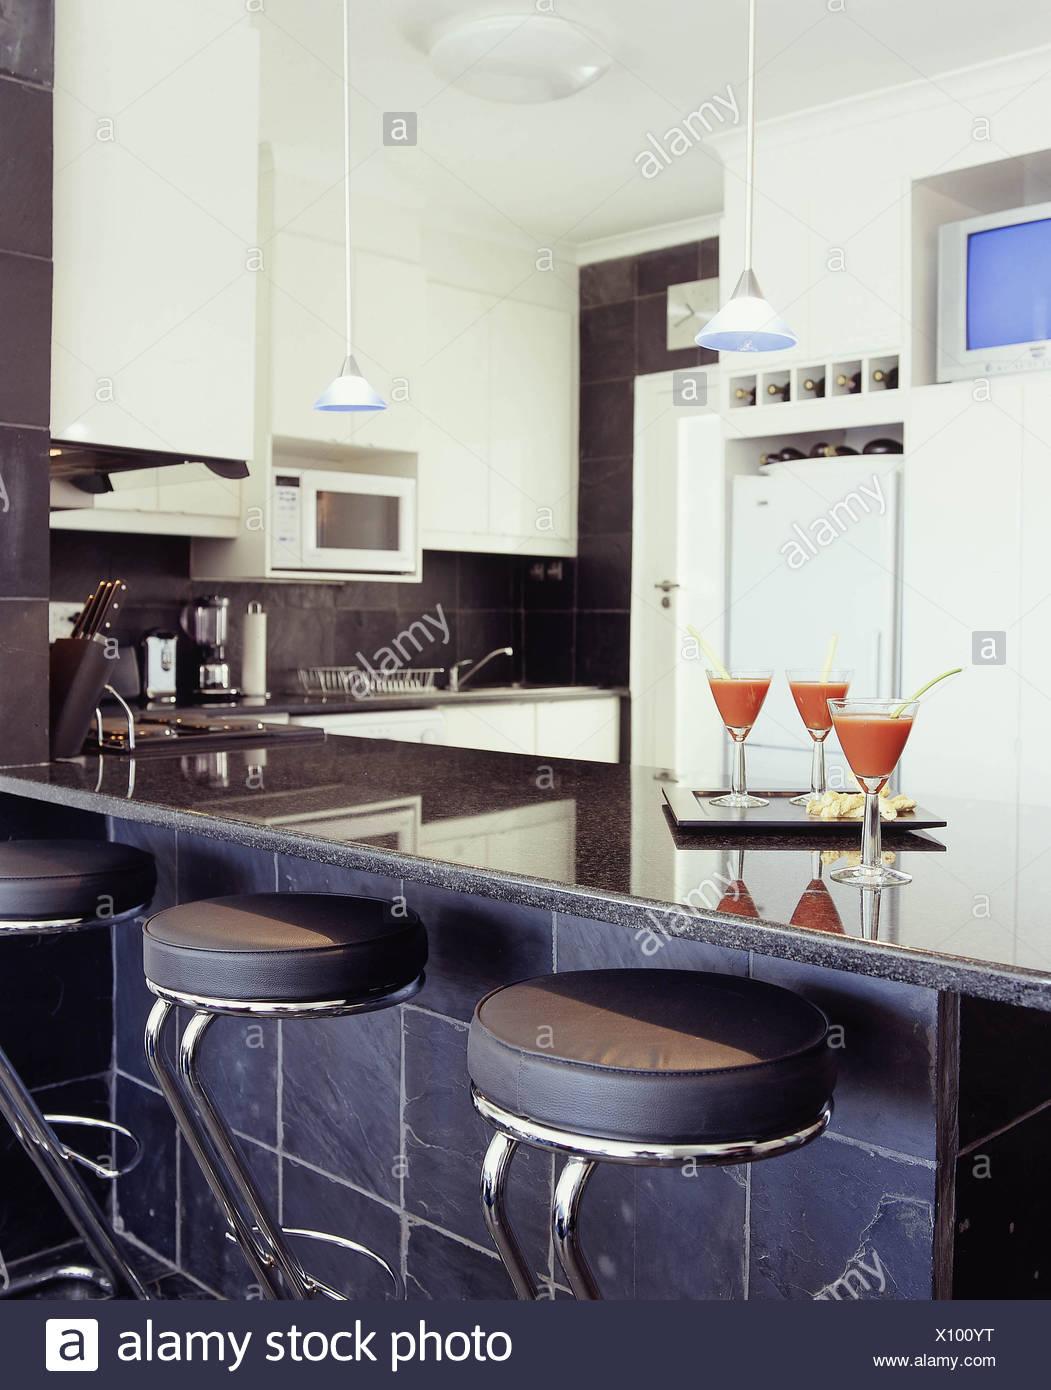 Tre diversi stili di cucina cucina ruvida nera piastrelle di ...